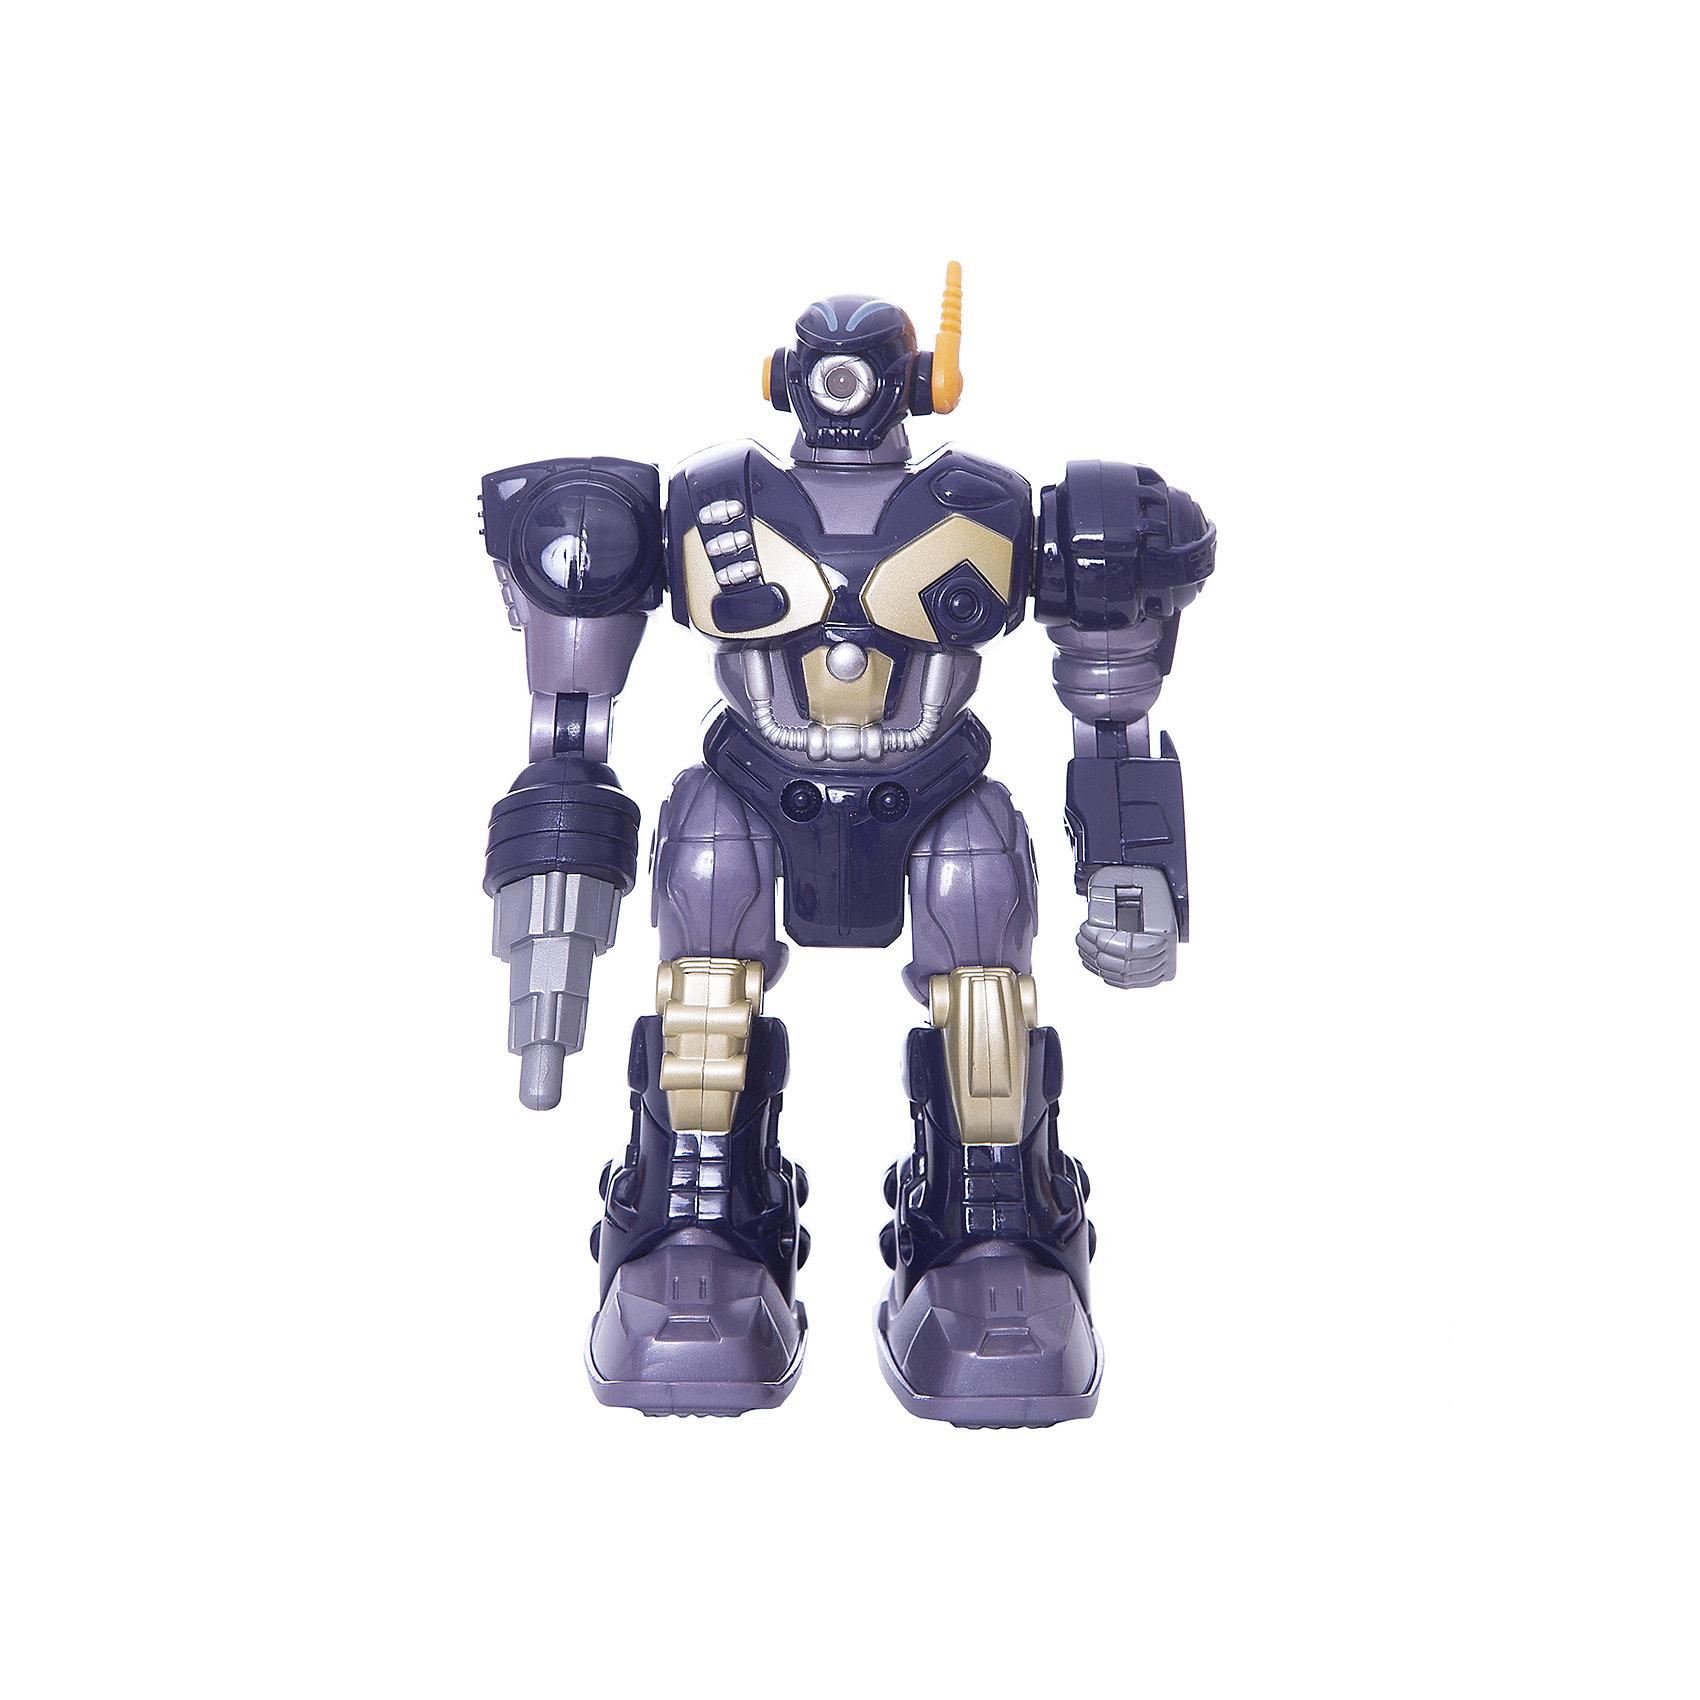 HAP-P-KID Робот Polar Captain, 17,5 см, HAP-P-KID игрушка робот red revo 17 5 см hap p kid